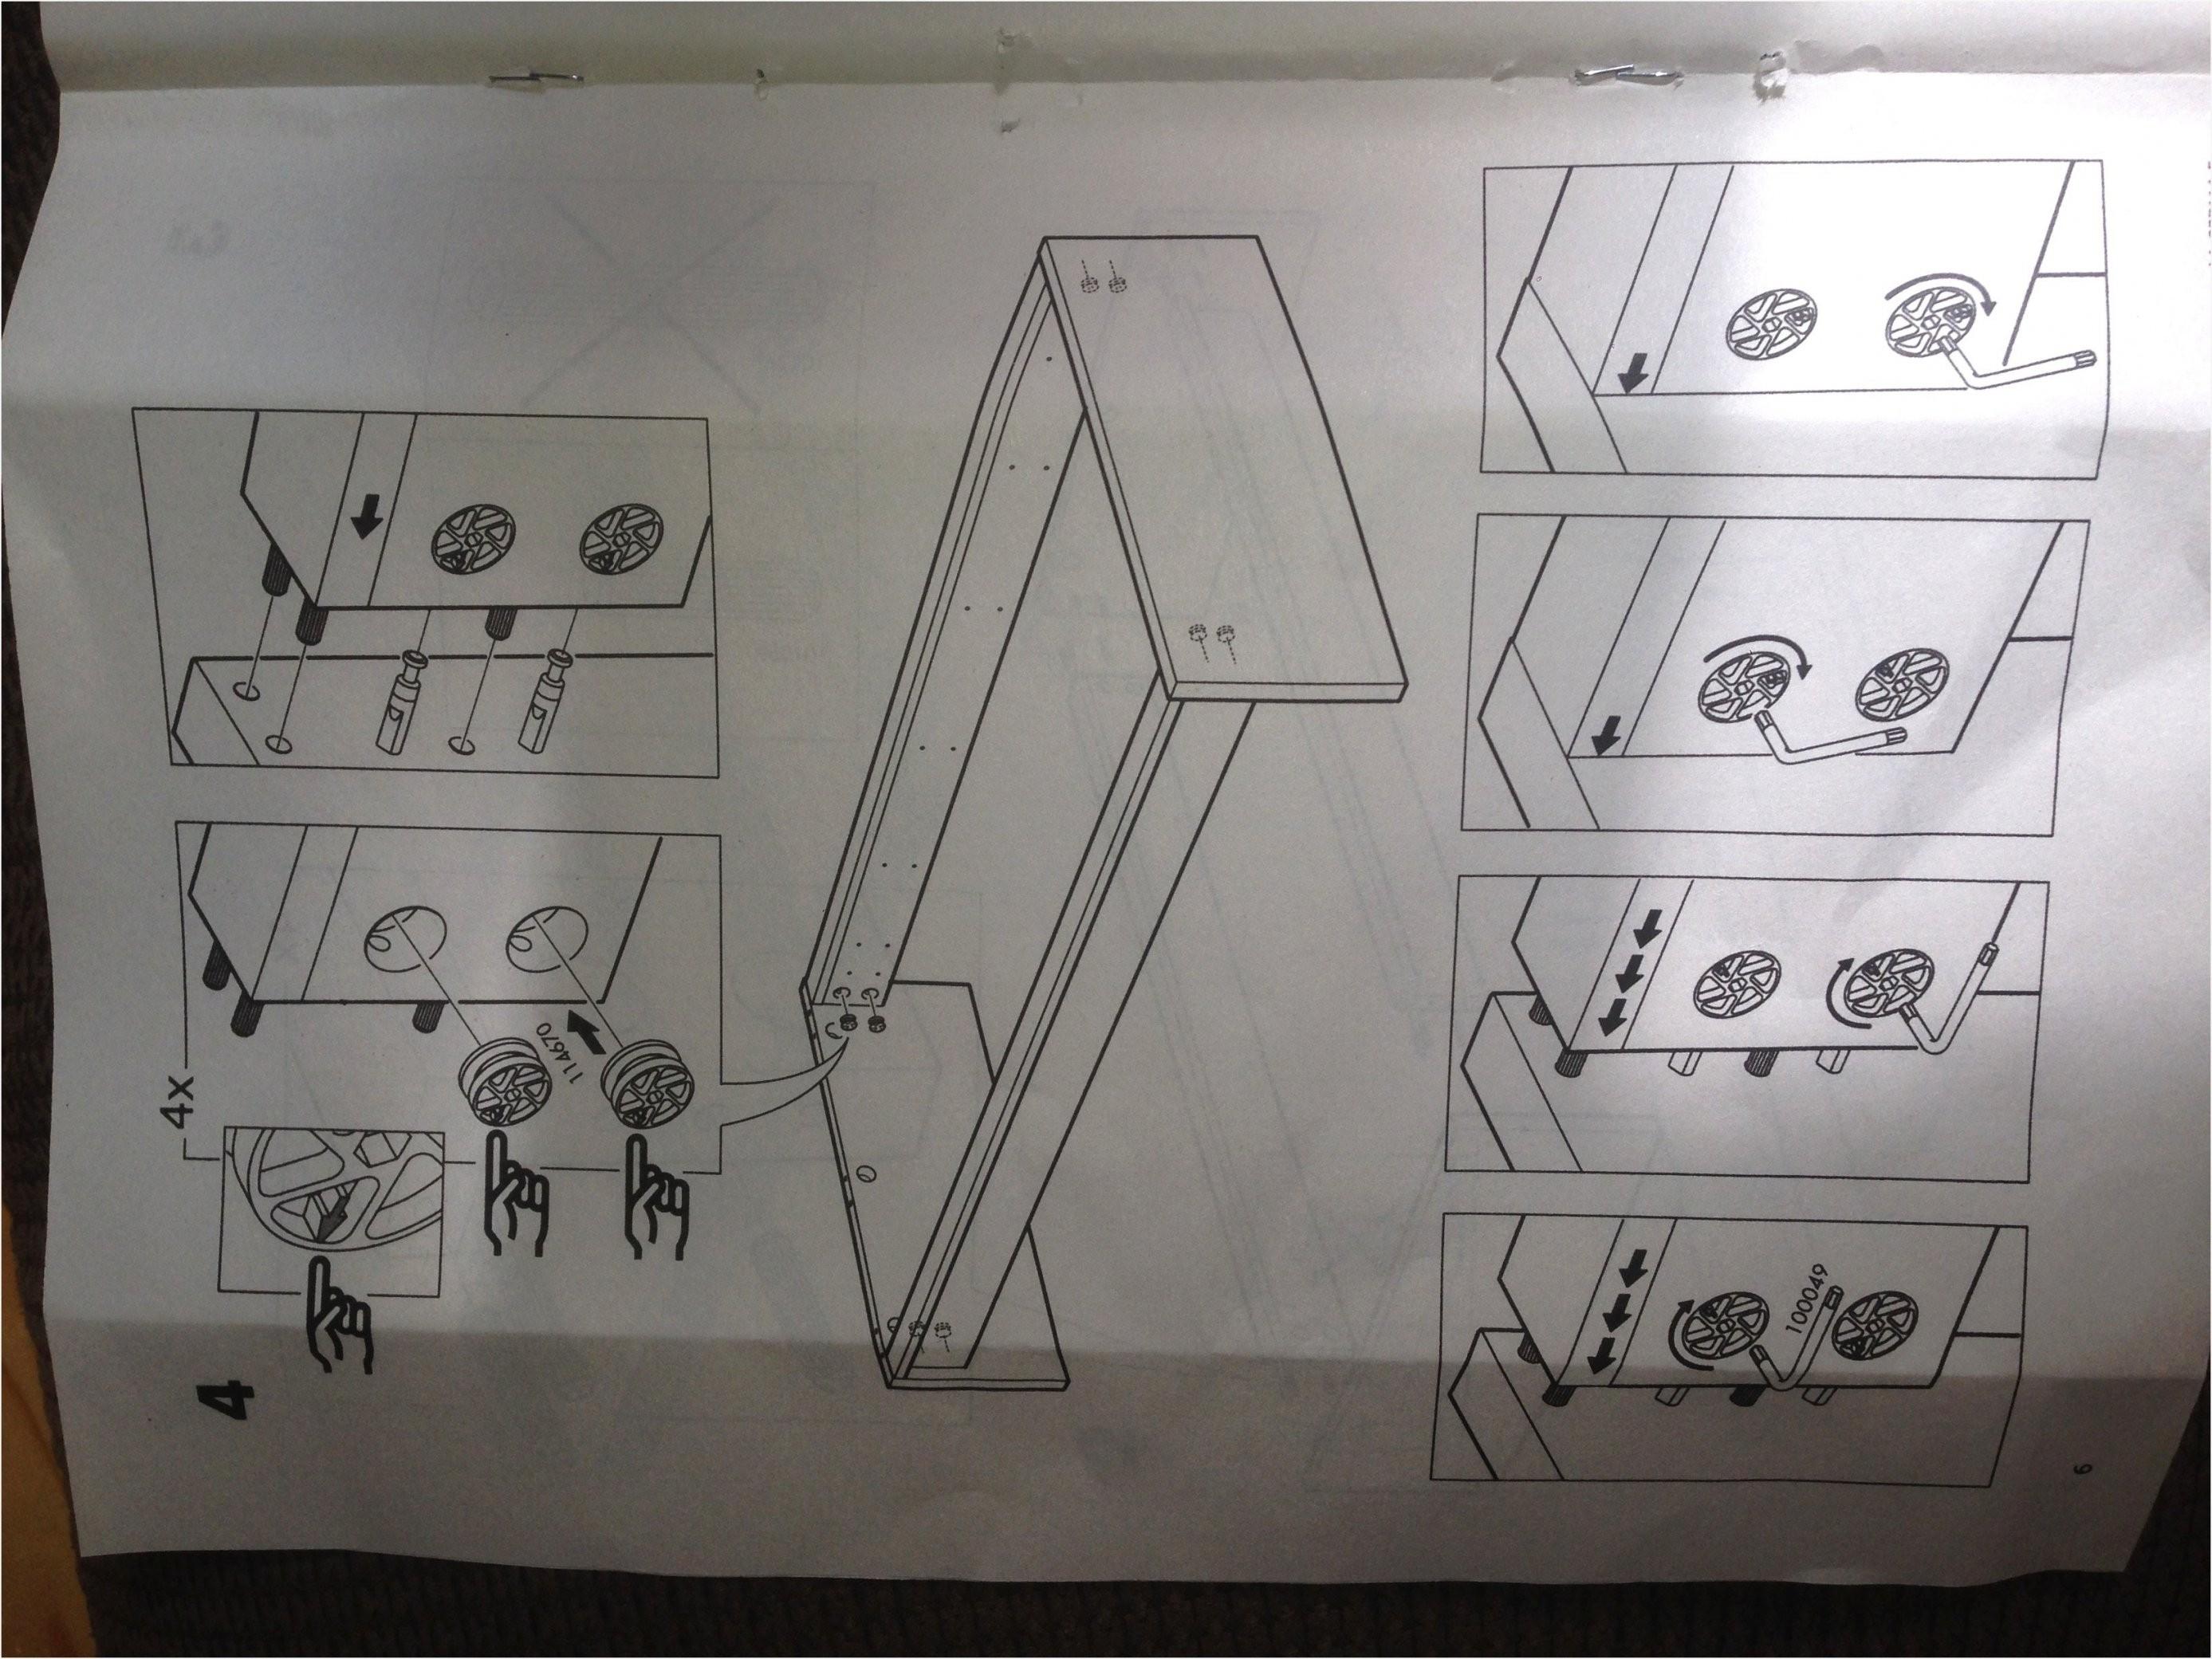 Ikea Malm Bett 140x200 Anleitung Haus Bauen